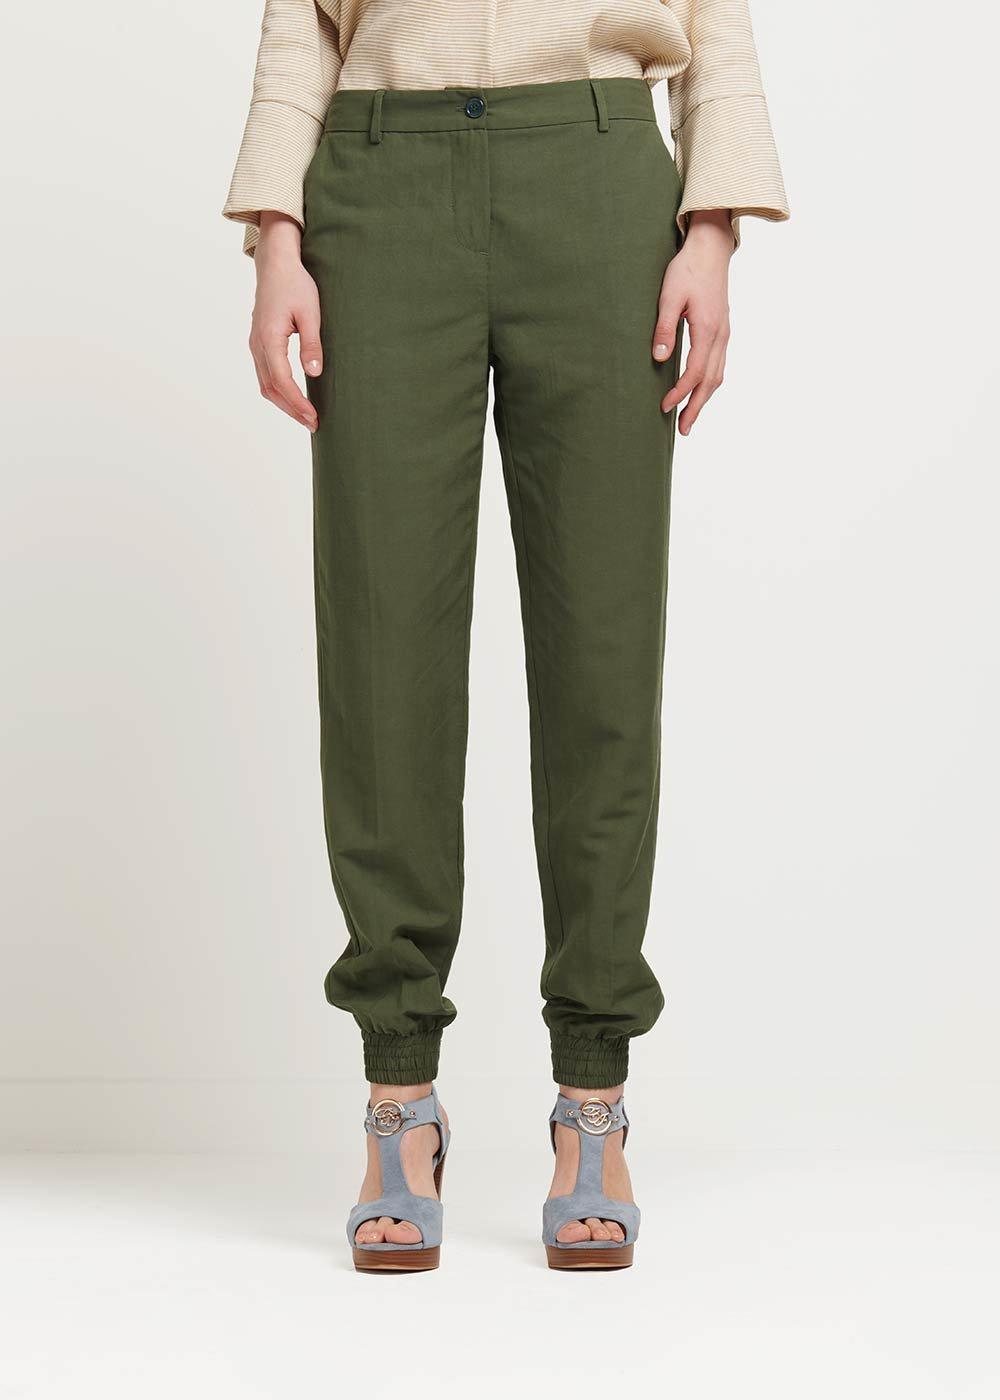 Pantalone Jane con zip al fondo - Timo - Donna